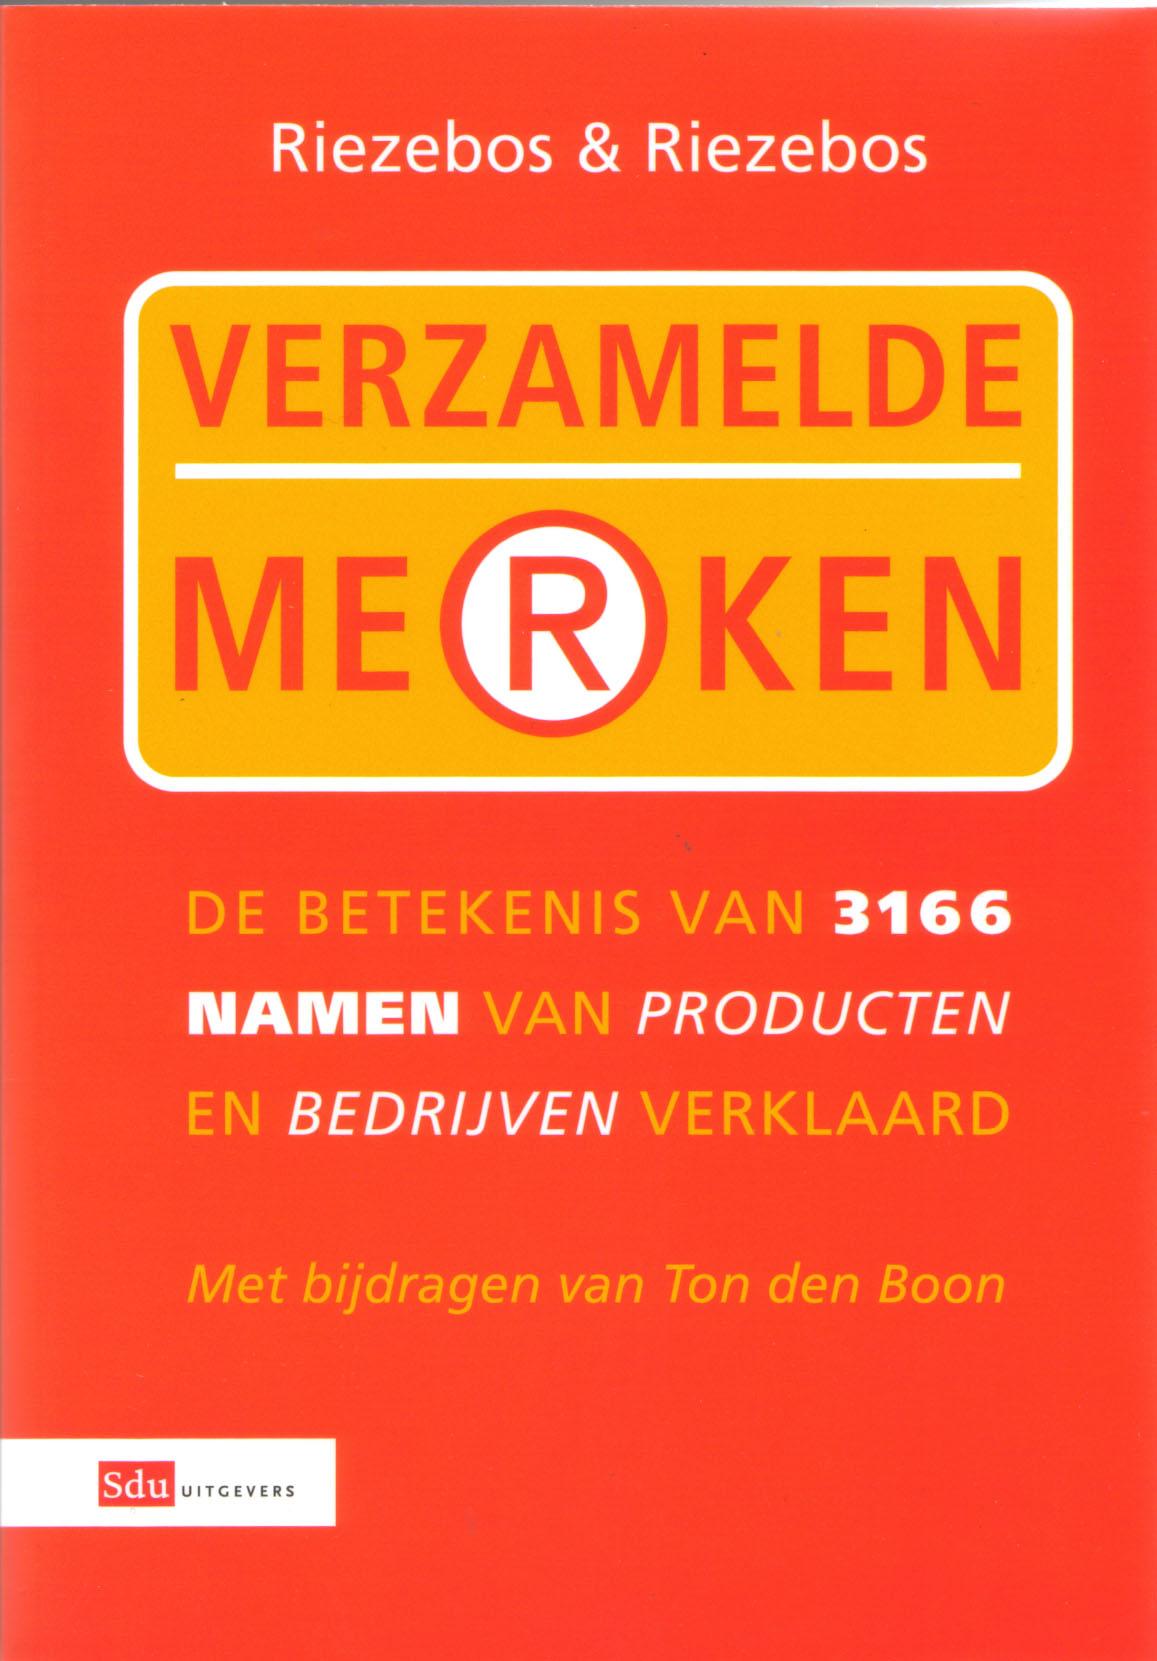 Verzamelde Merken (cover)